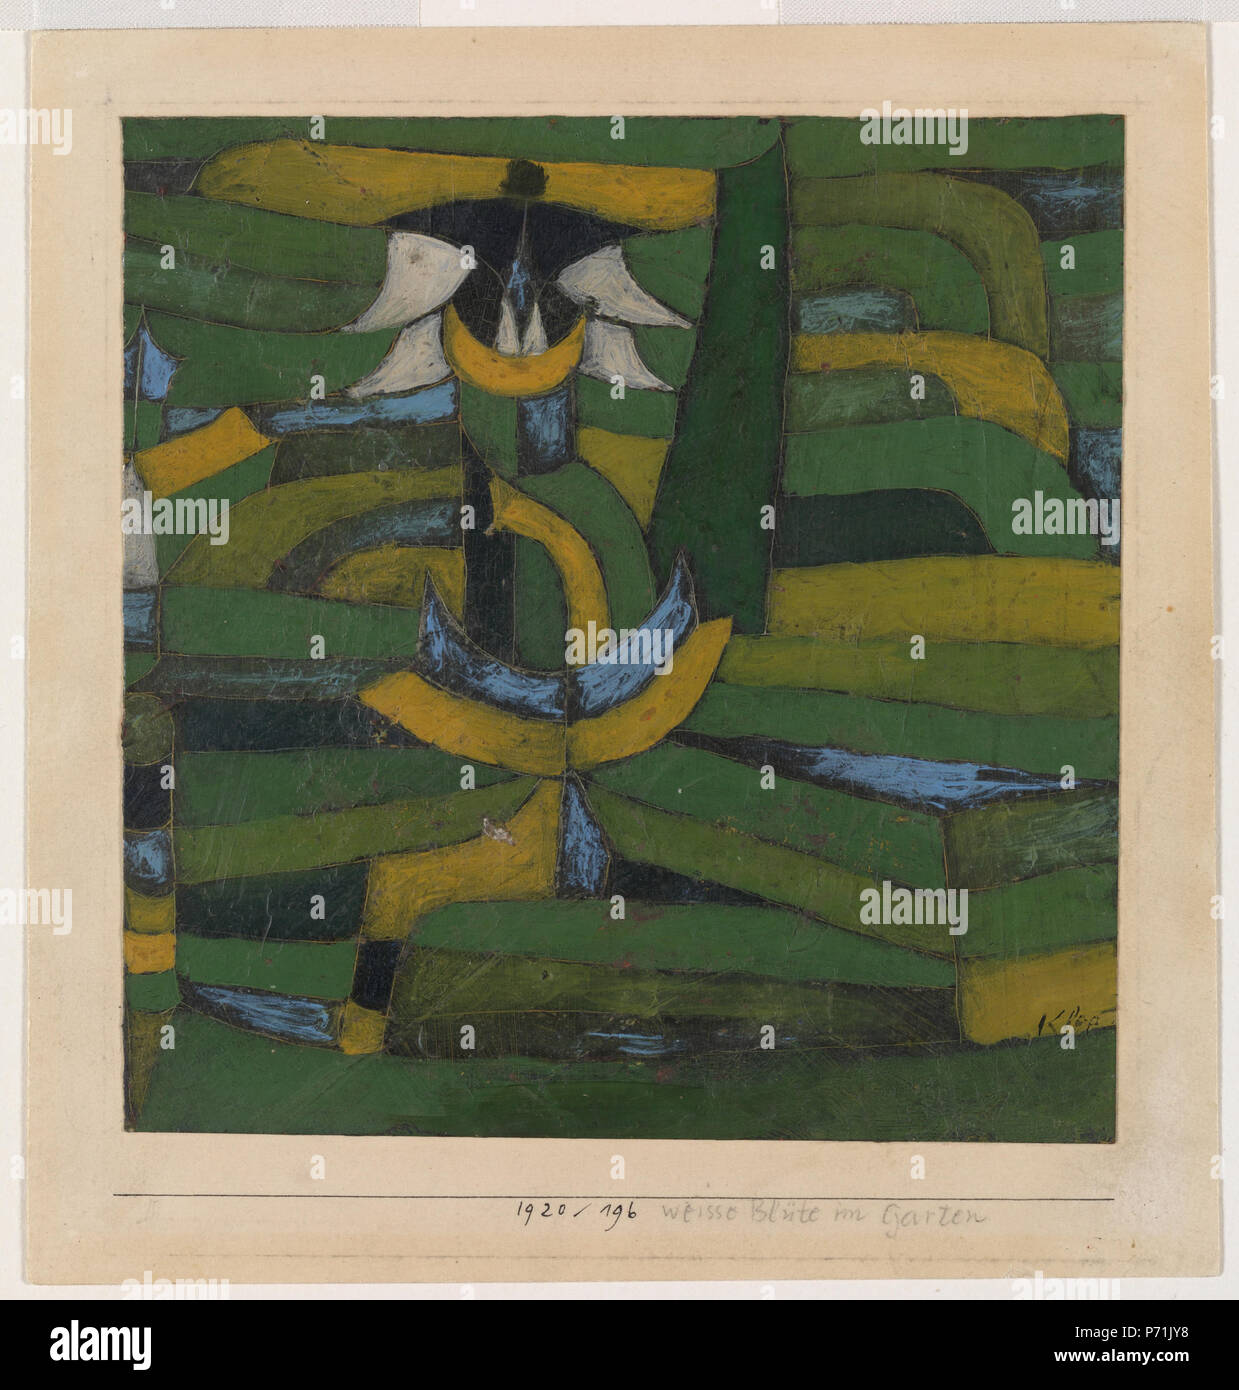 Paul Klee White Blossom In The Garden Weisse Blüte Im Garten 37